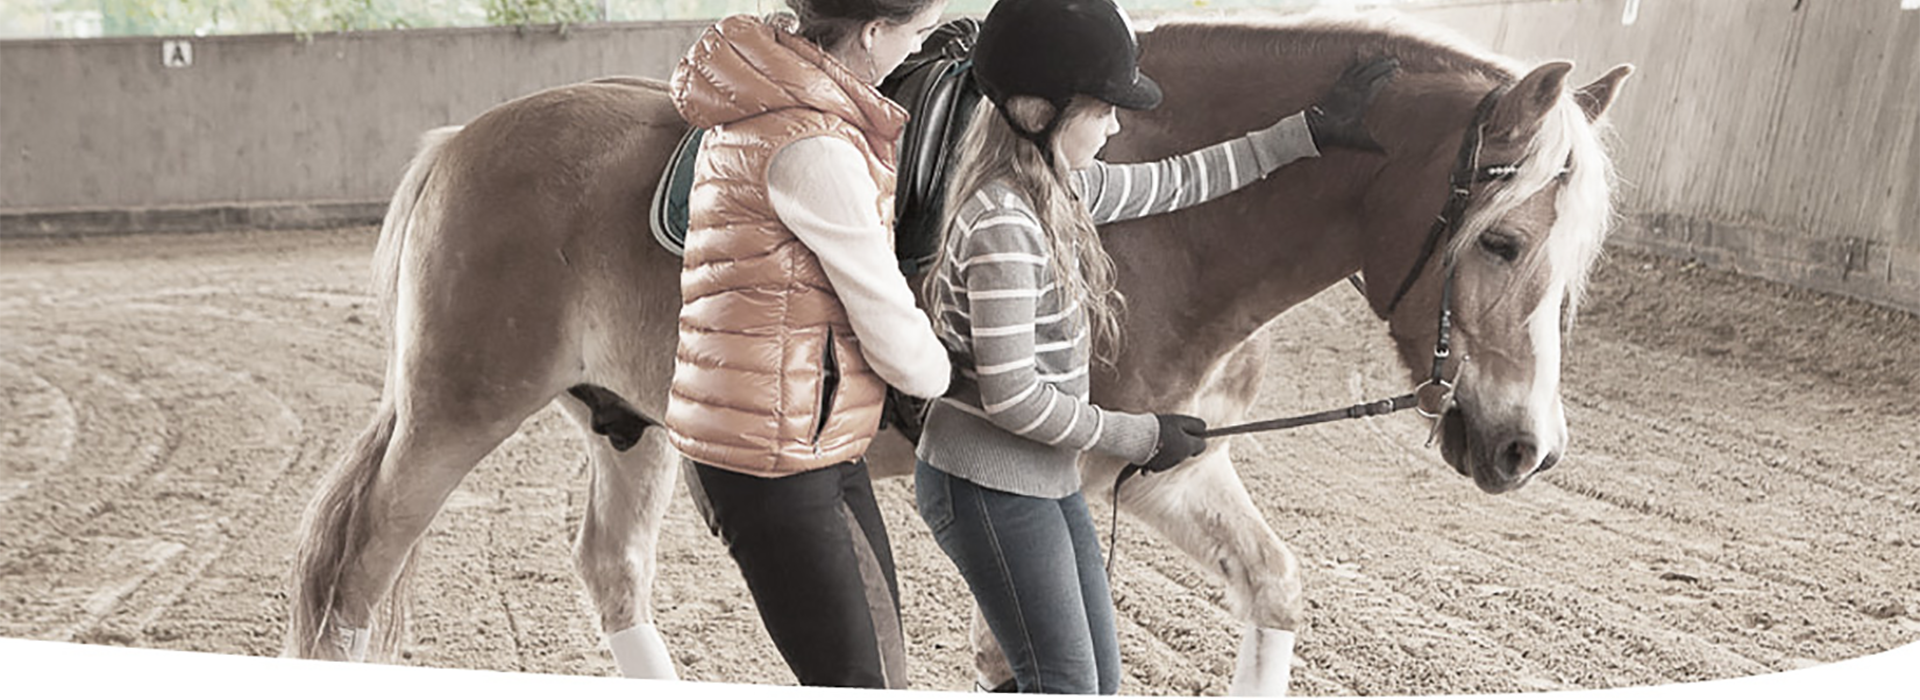 Connected-Riding-Kurse-Kurs-Kinder-Angie-Kurs